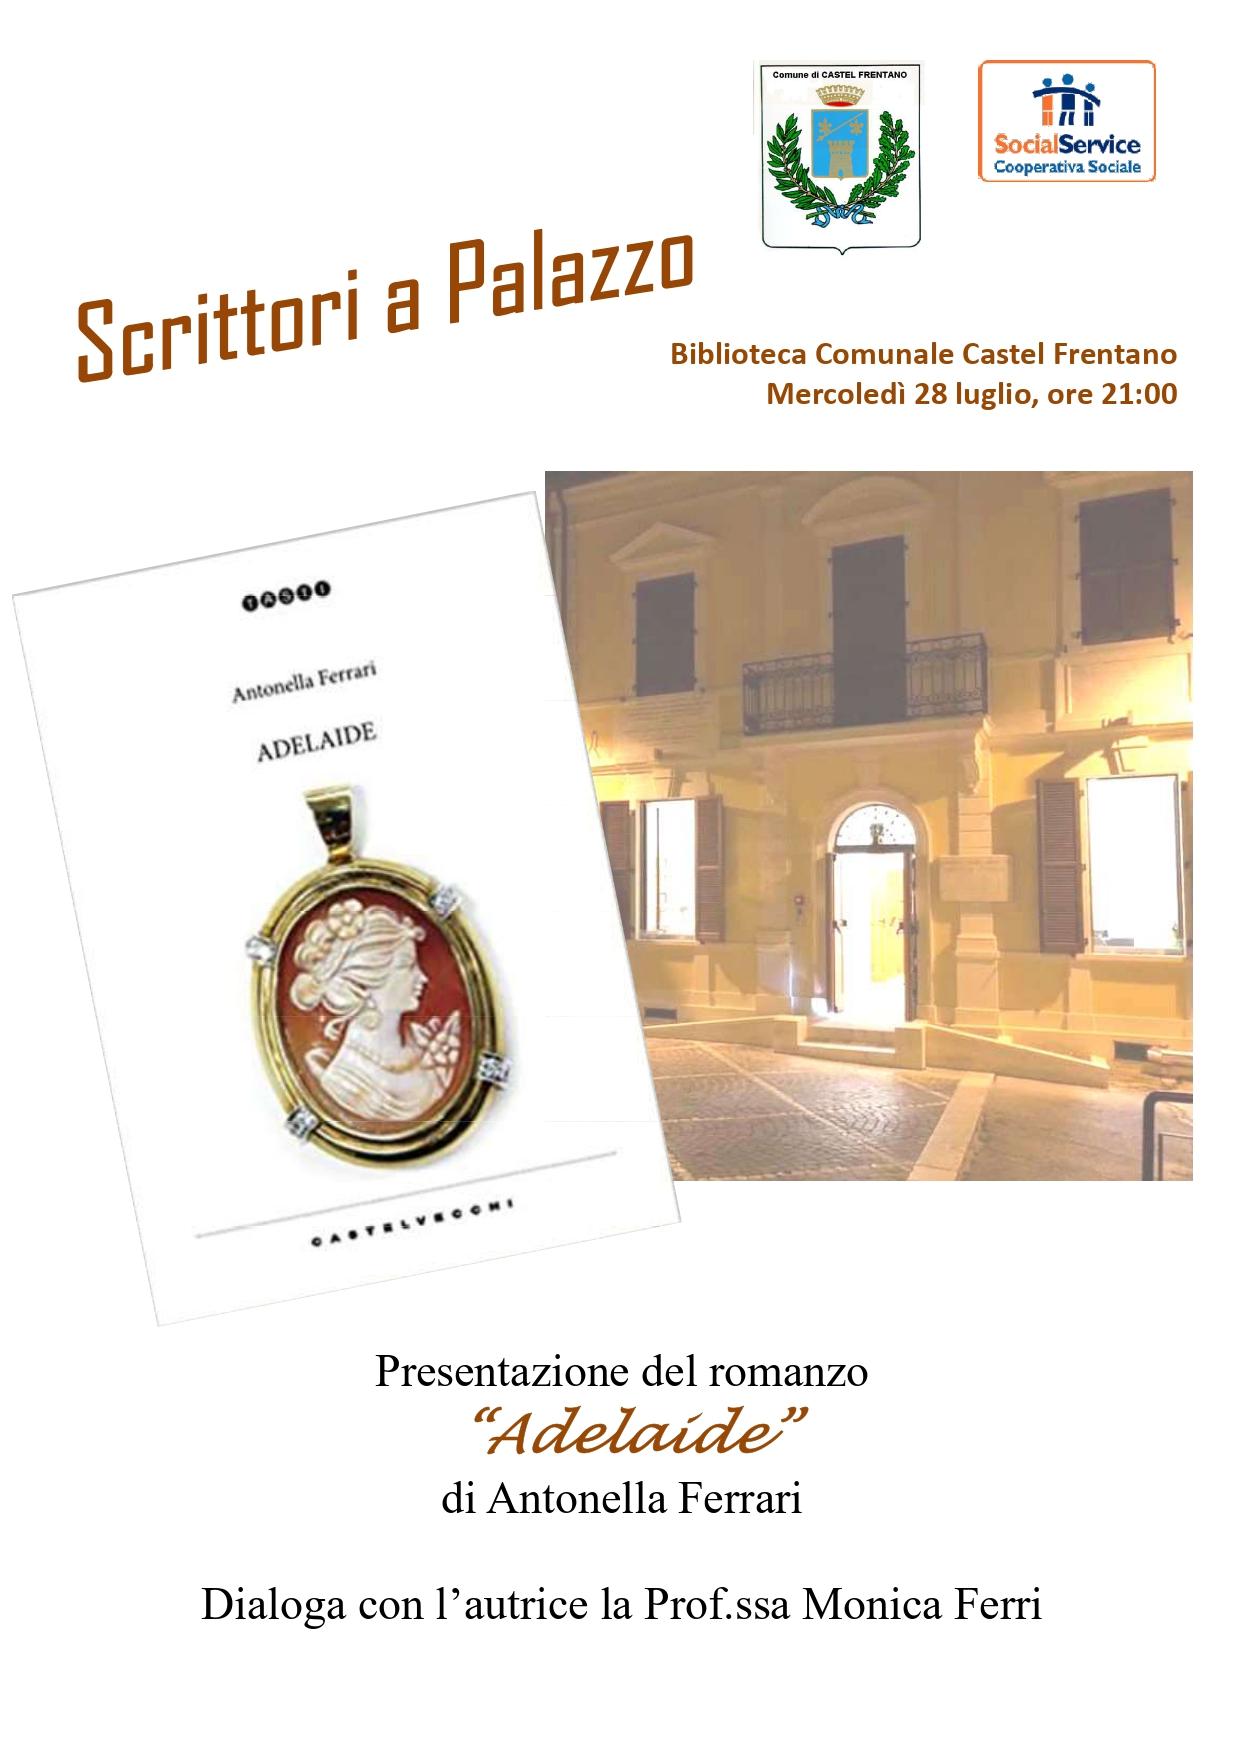 Locandina presentazione del romanzo il 28 luglio 2021